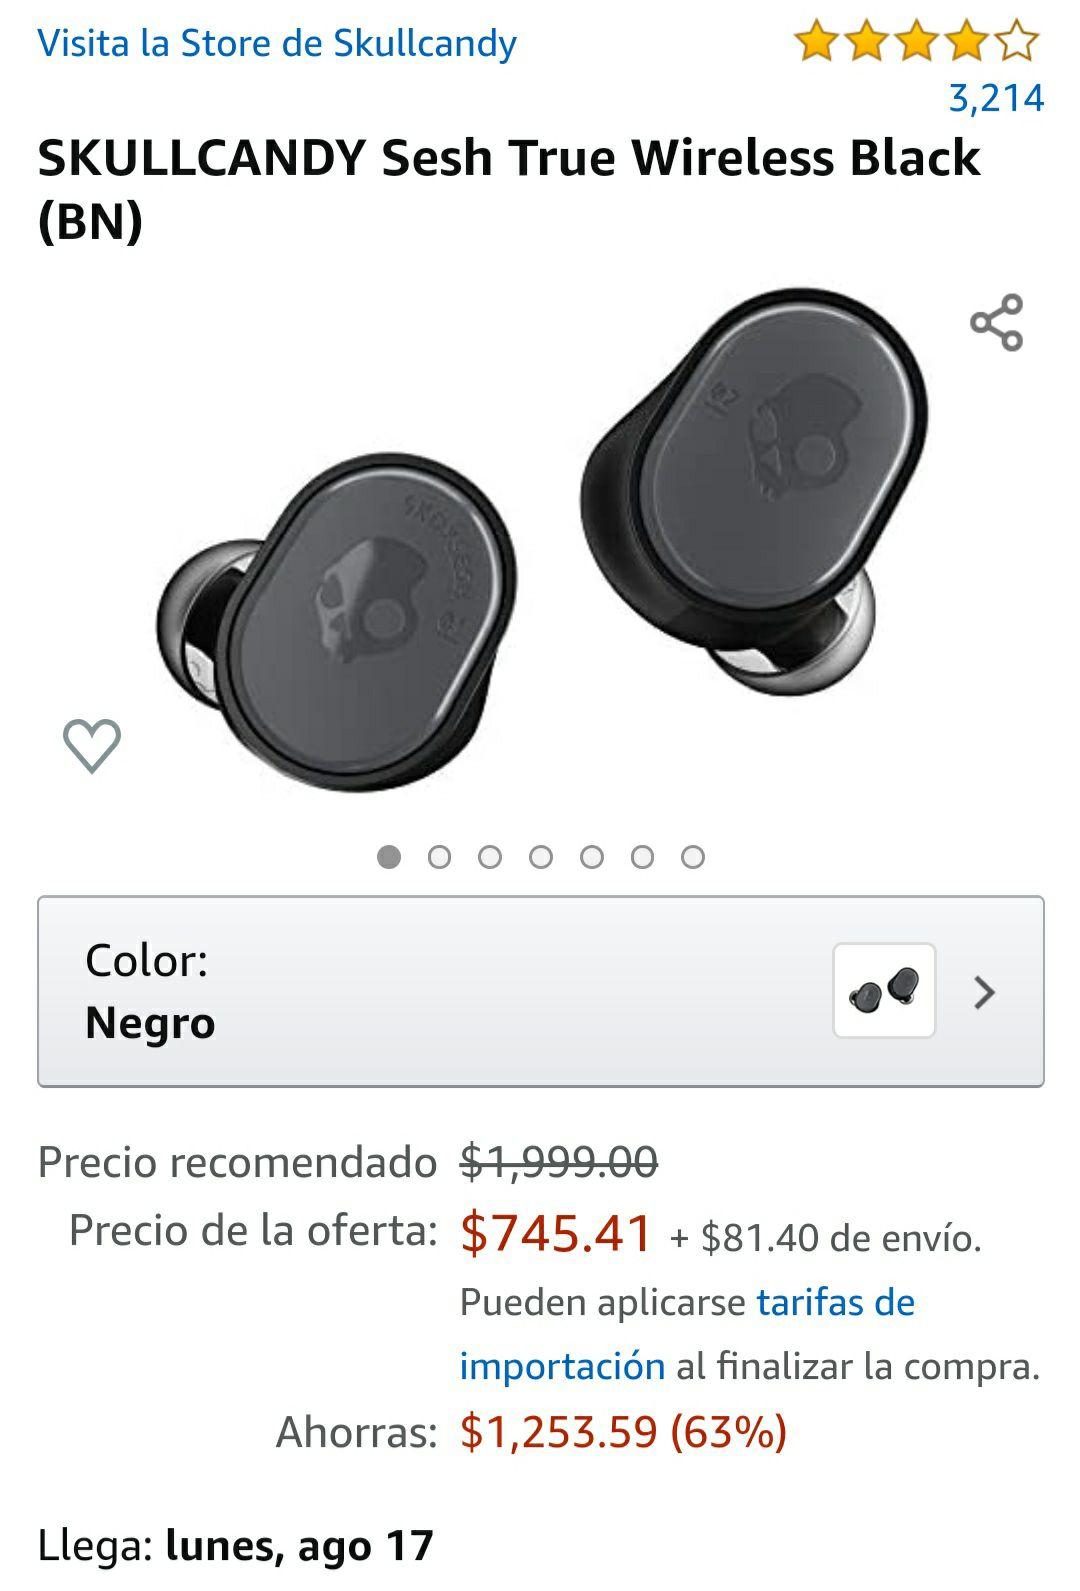 Amazon: Skullcandy Shesh Wireles